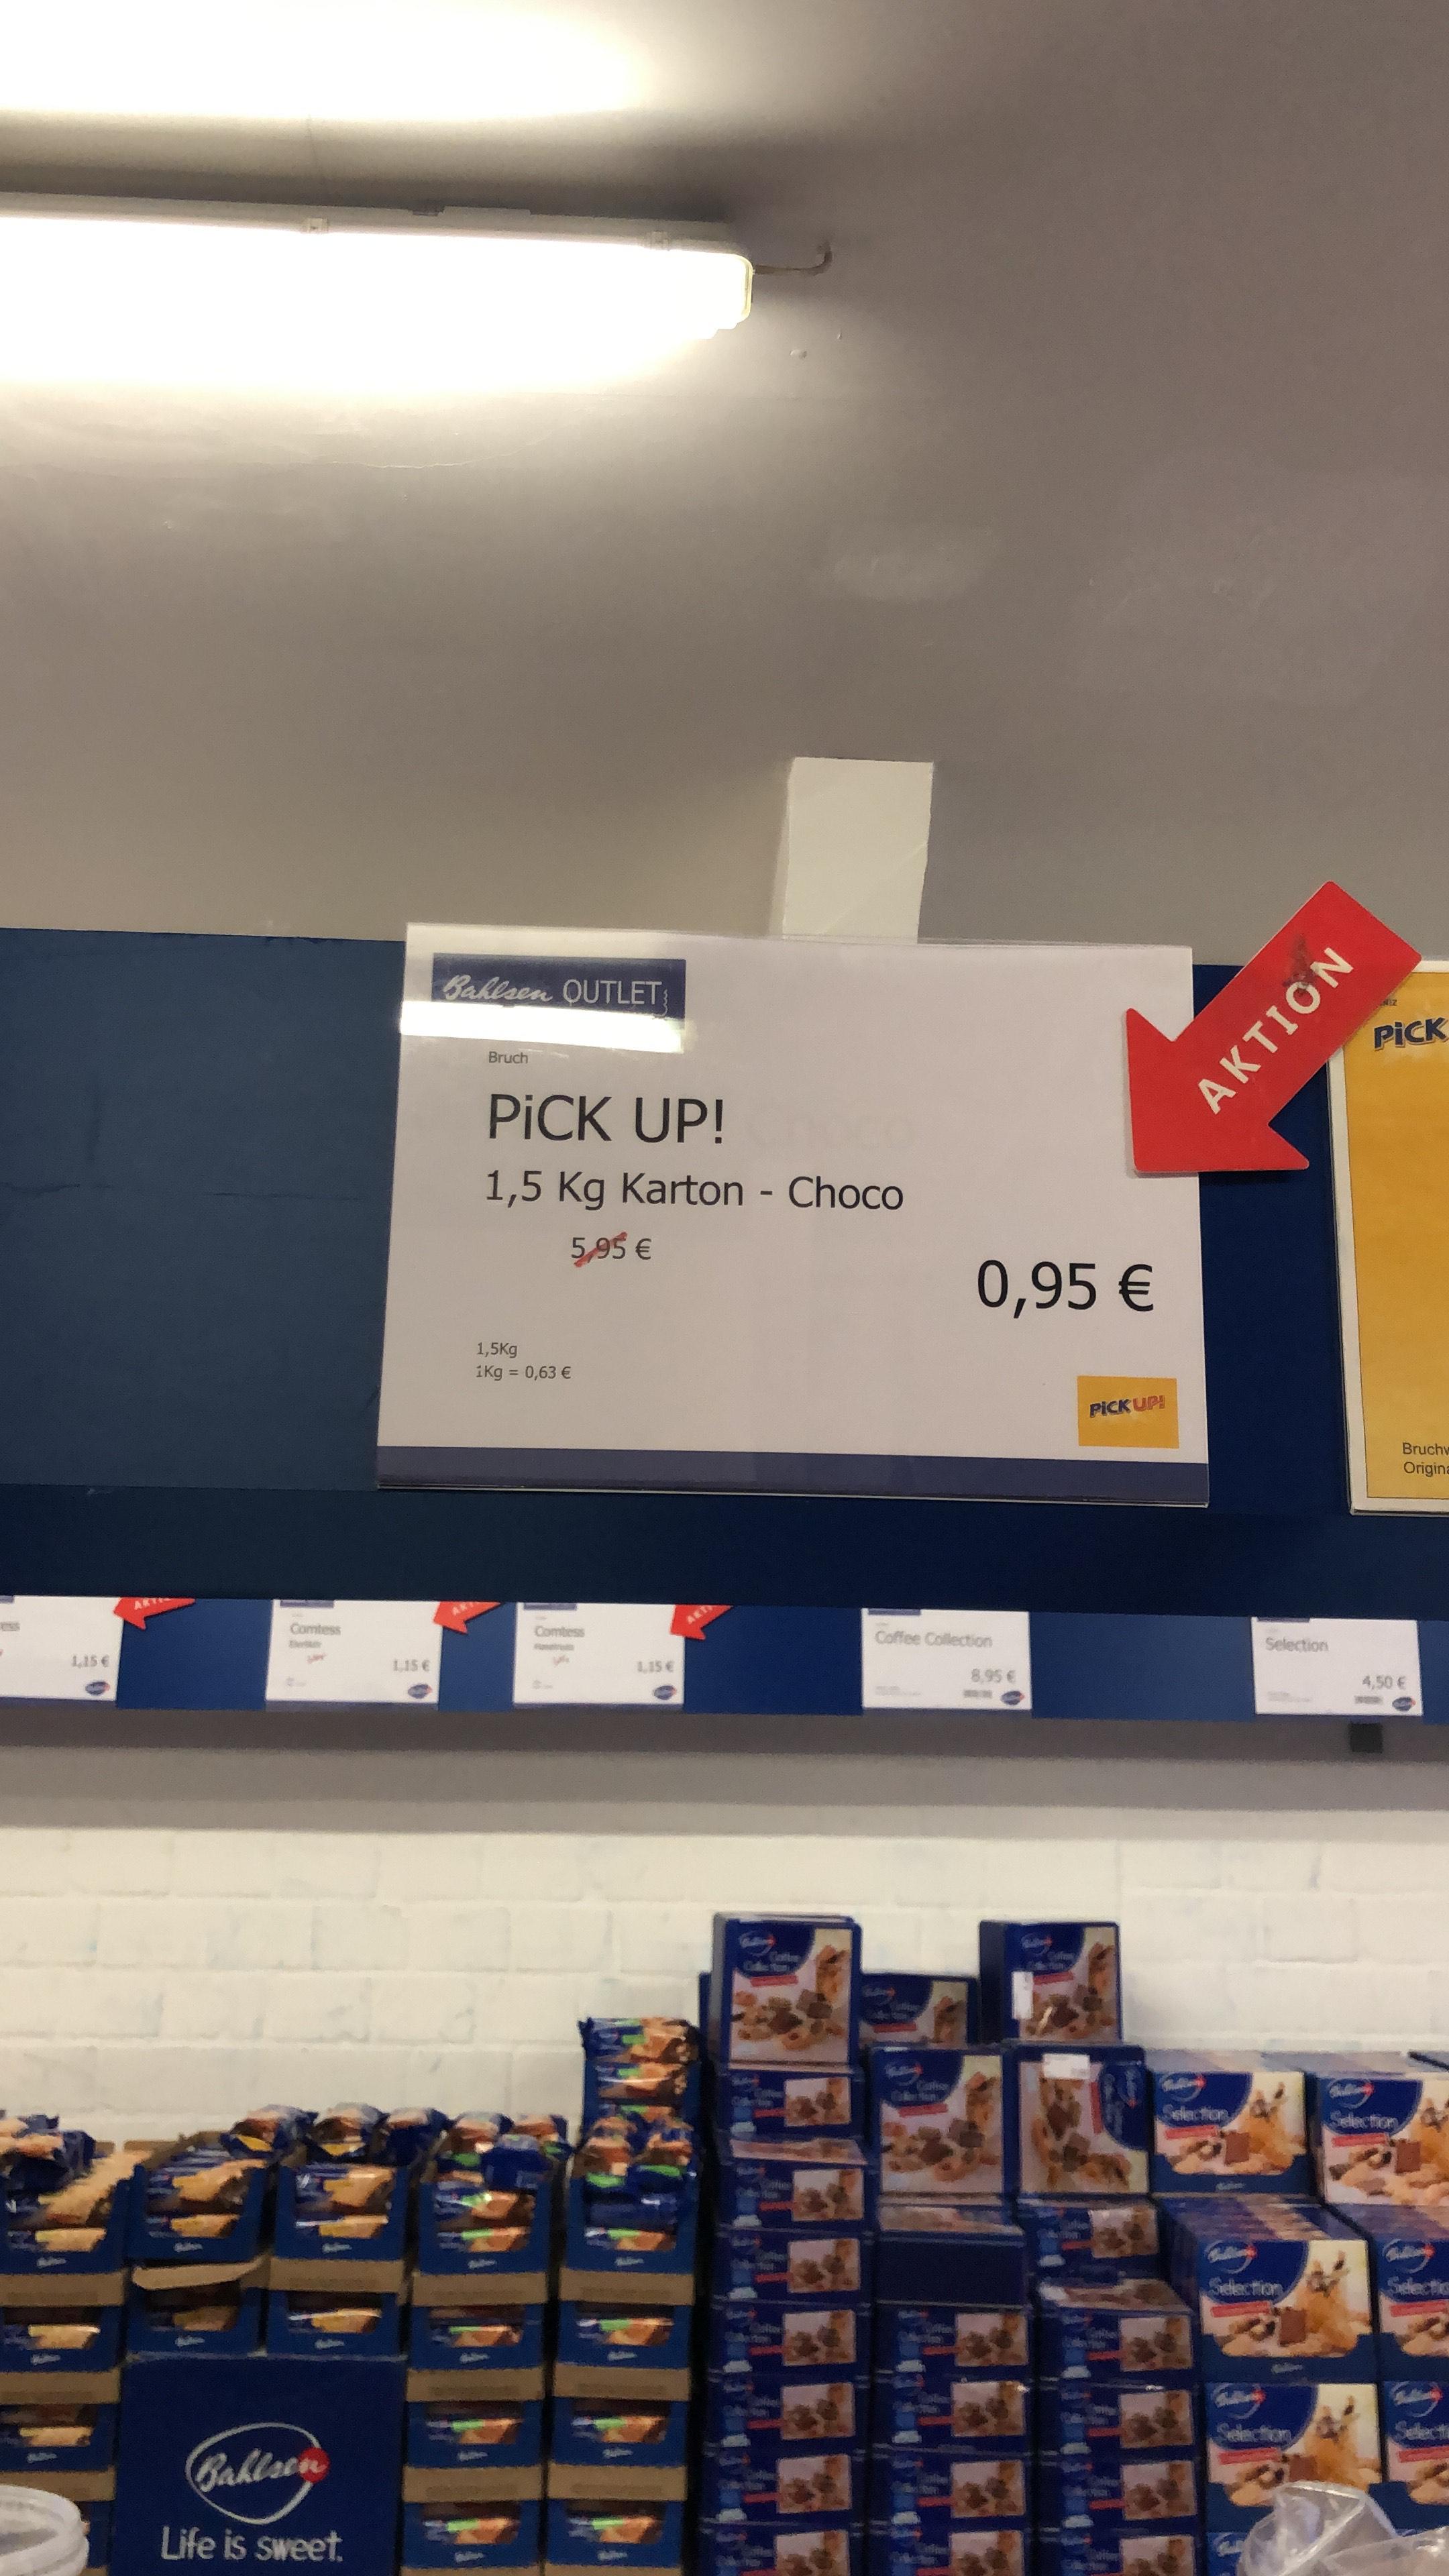 [LOKAL] Leibniz PickUP! 1,5 Kg Bruchware Bahlsen Outlet